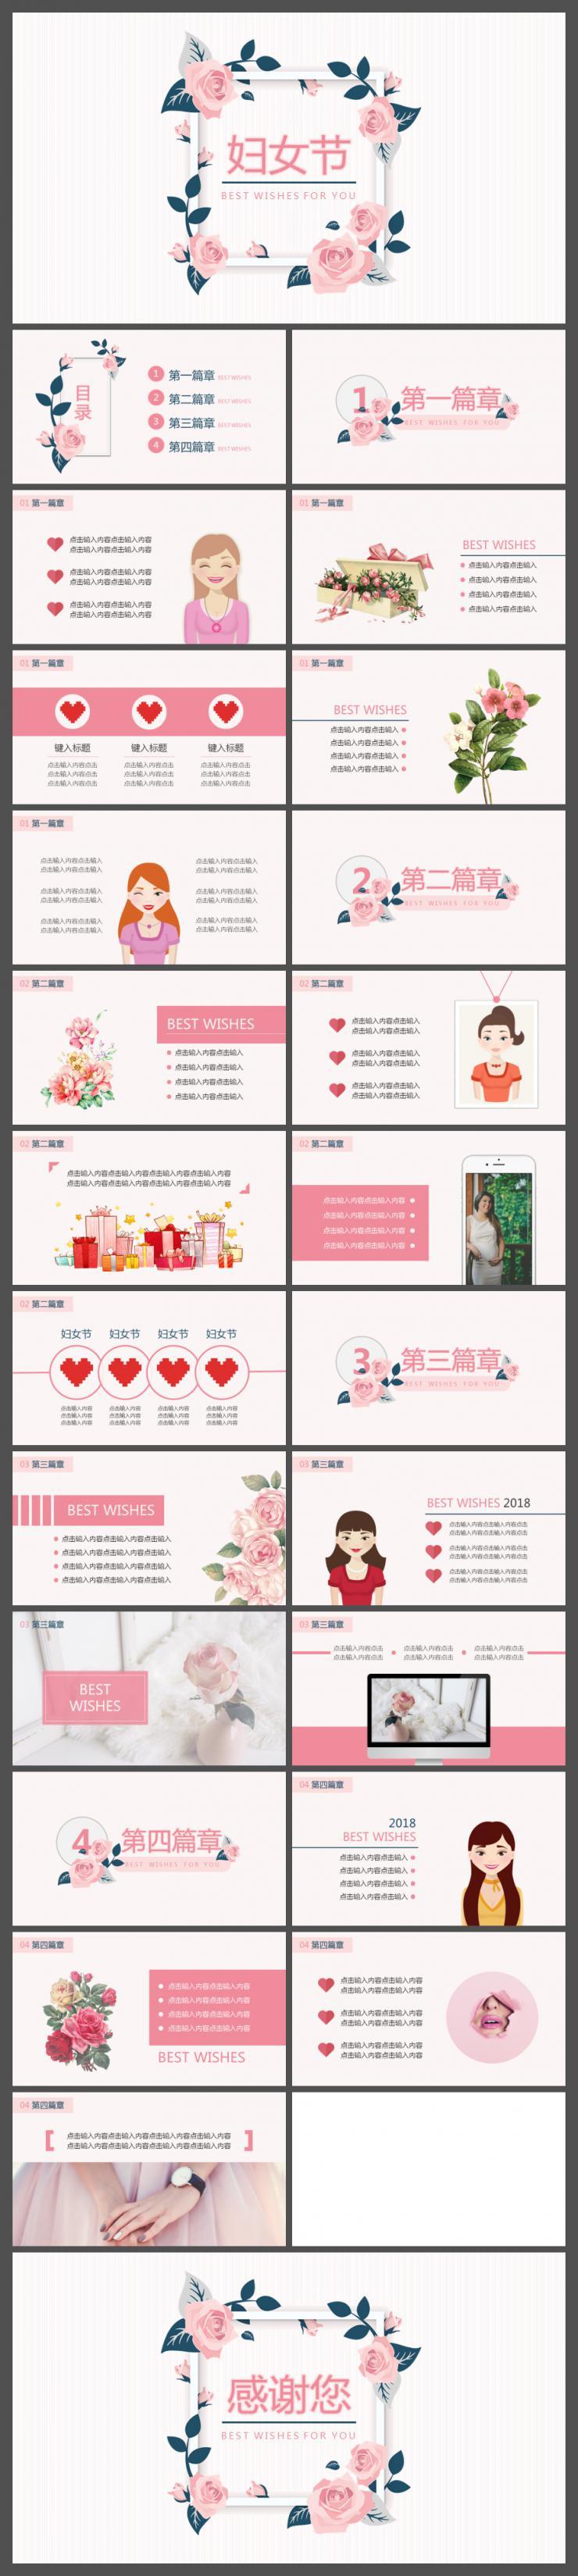 粉色小清新38妇女节主题PPT模板